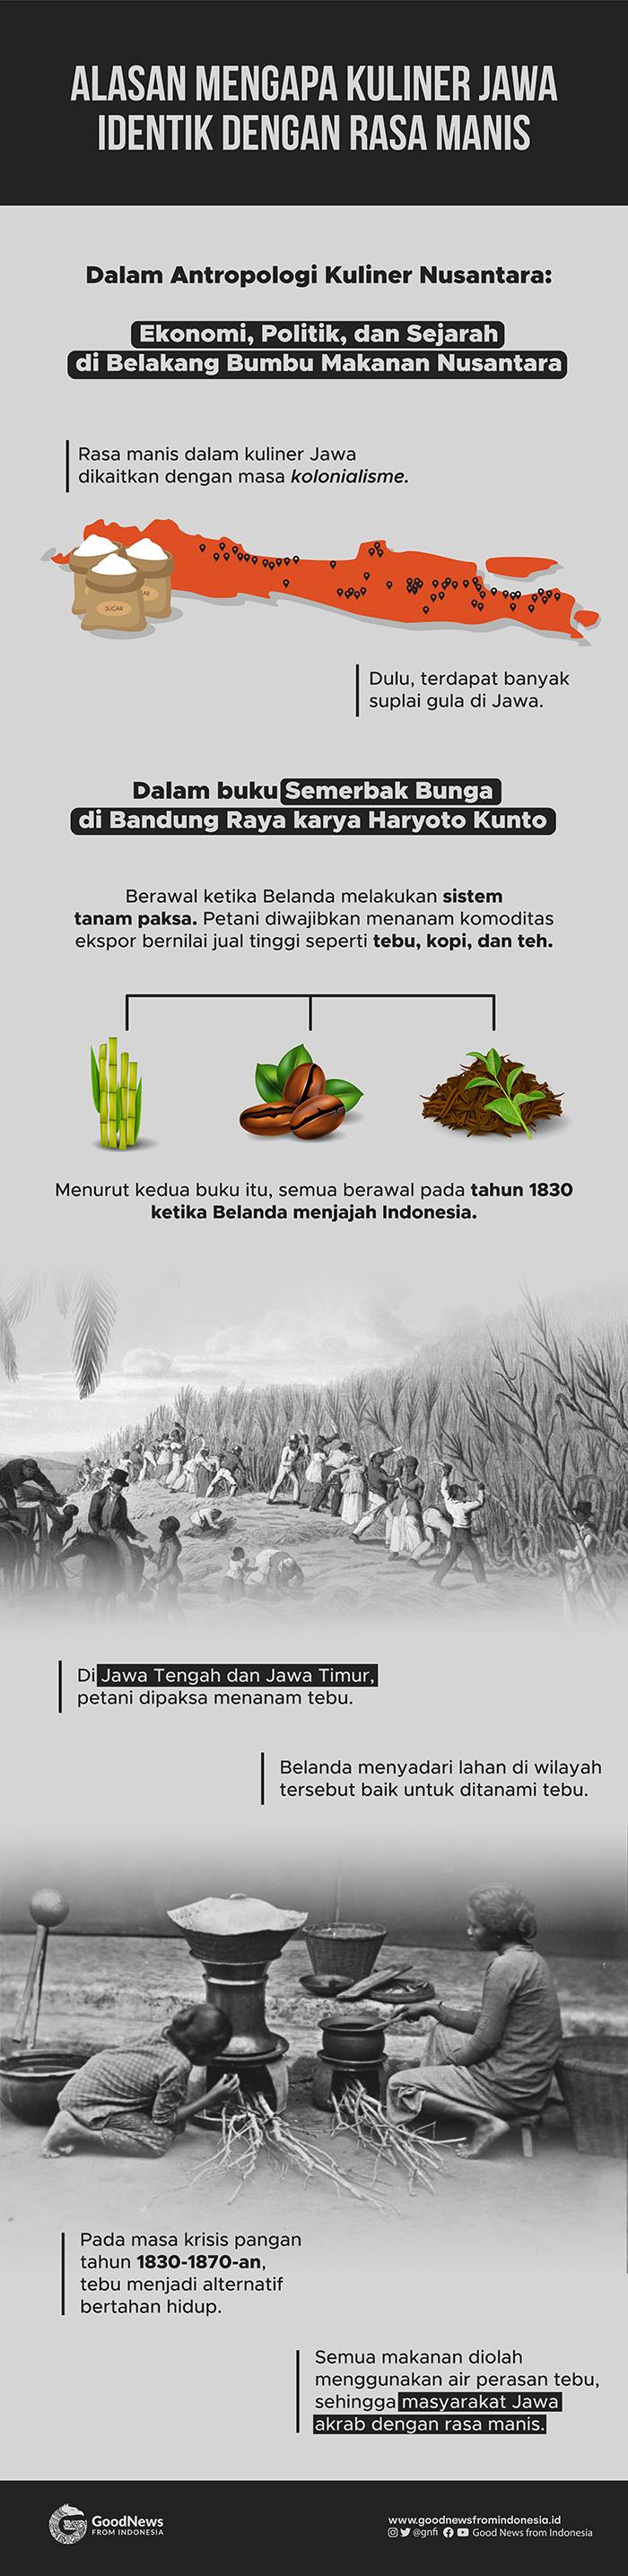 Mengapa Makanan Jawa Identik dengan Rasa Manis?